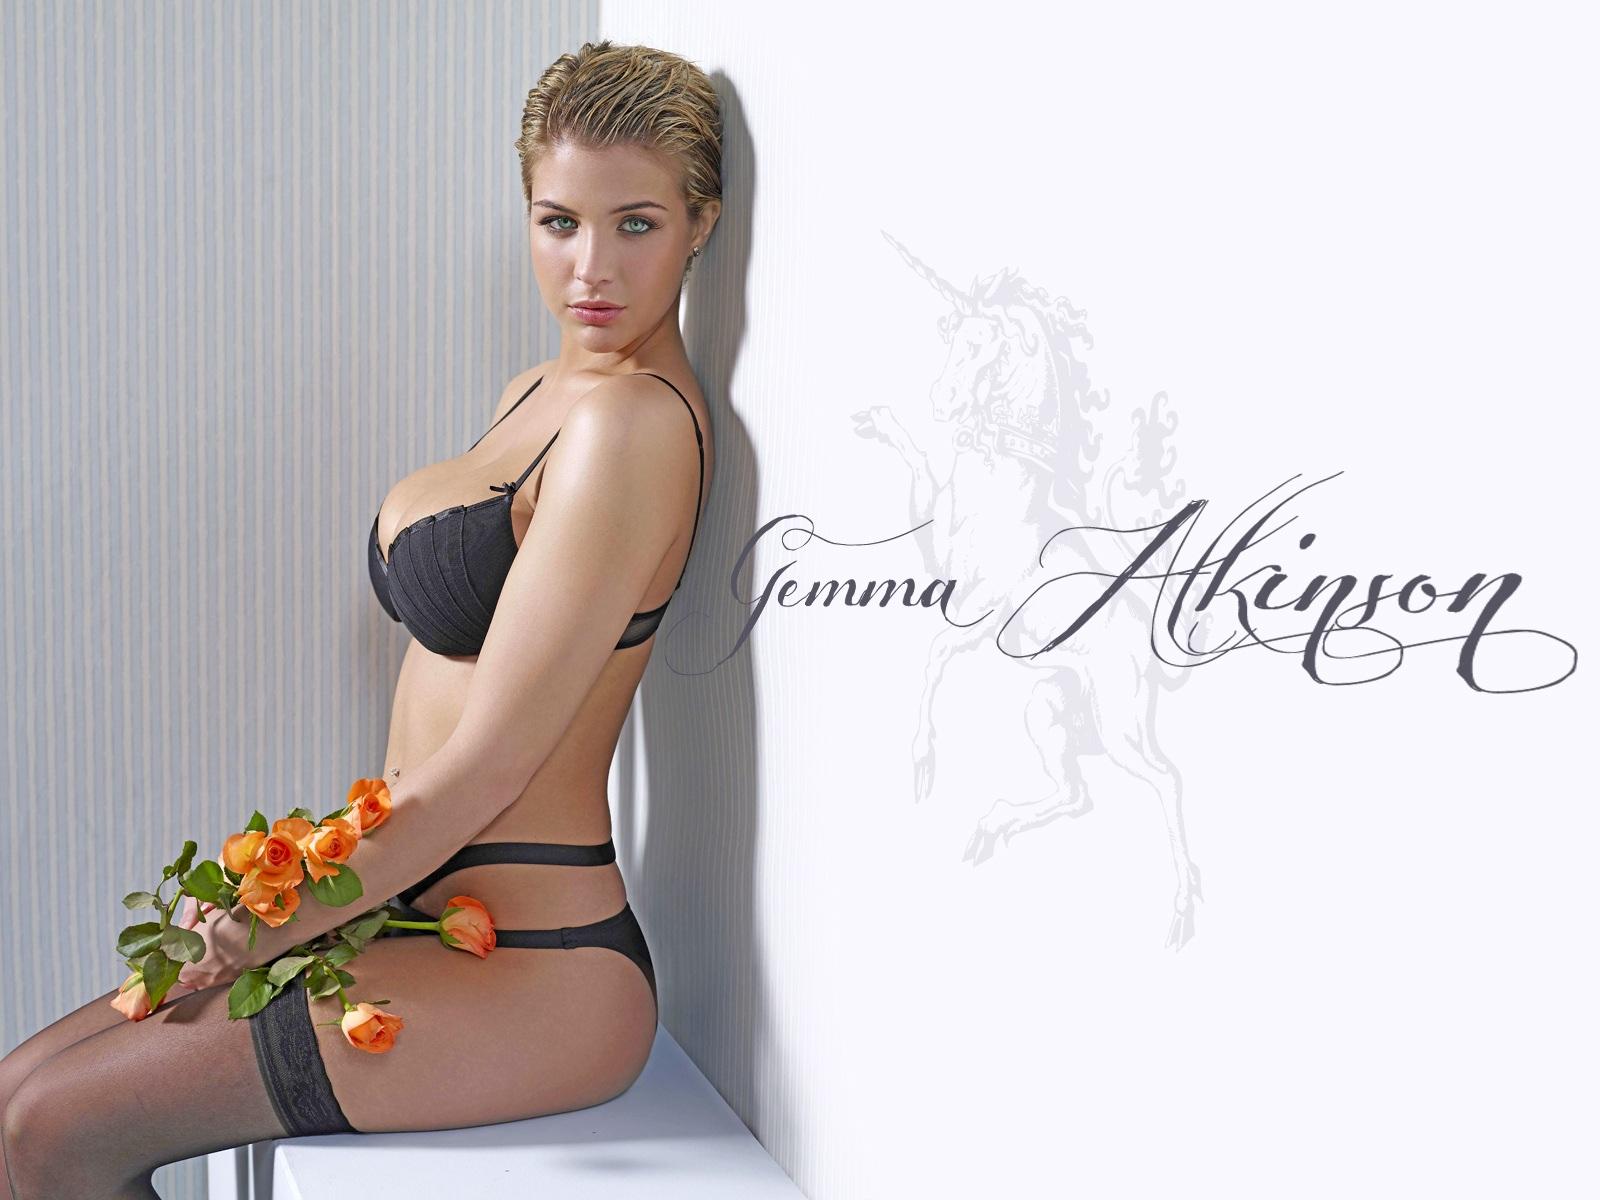 Amateur semen lovers